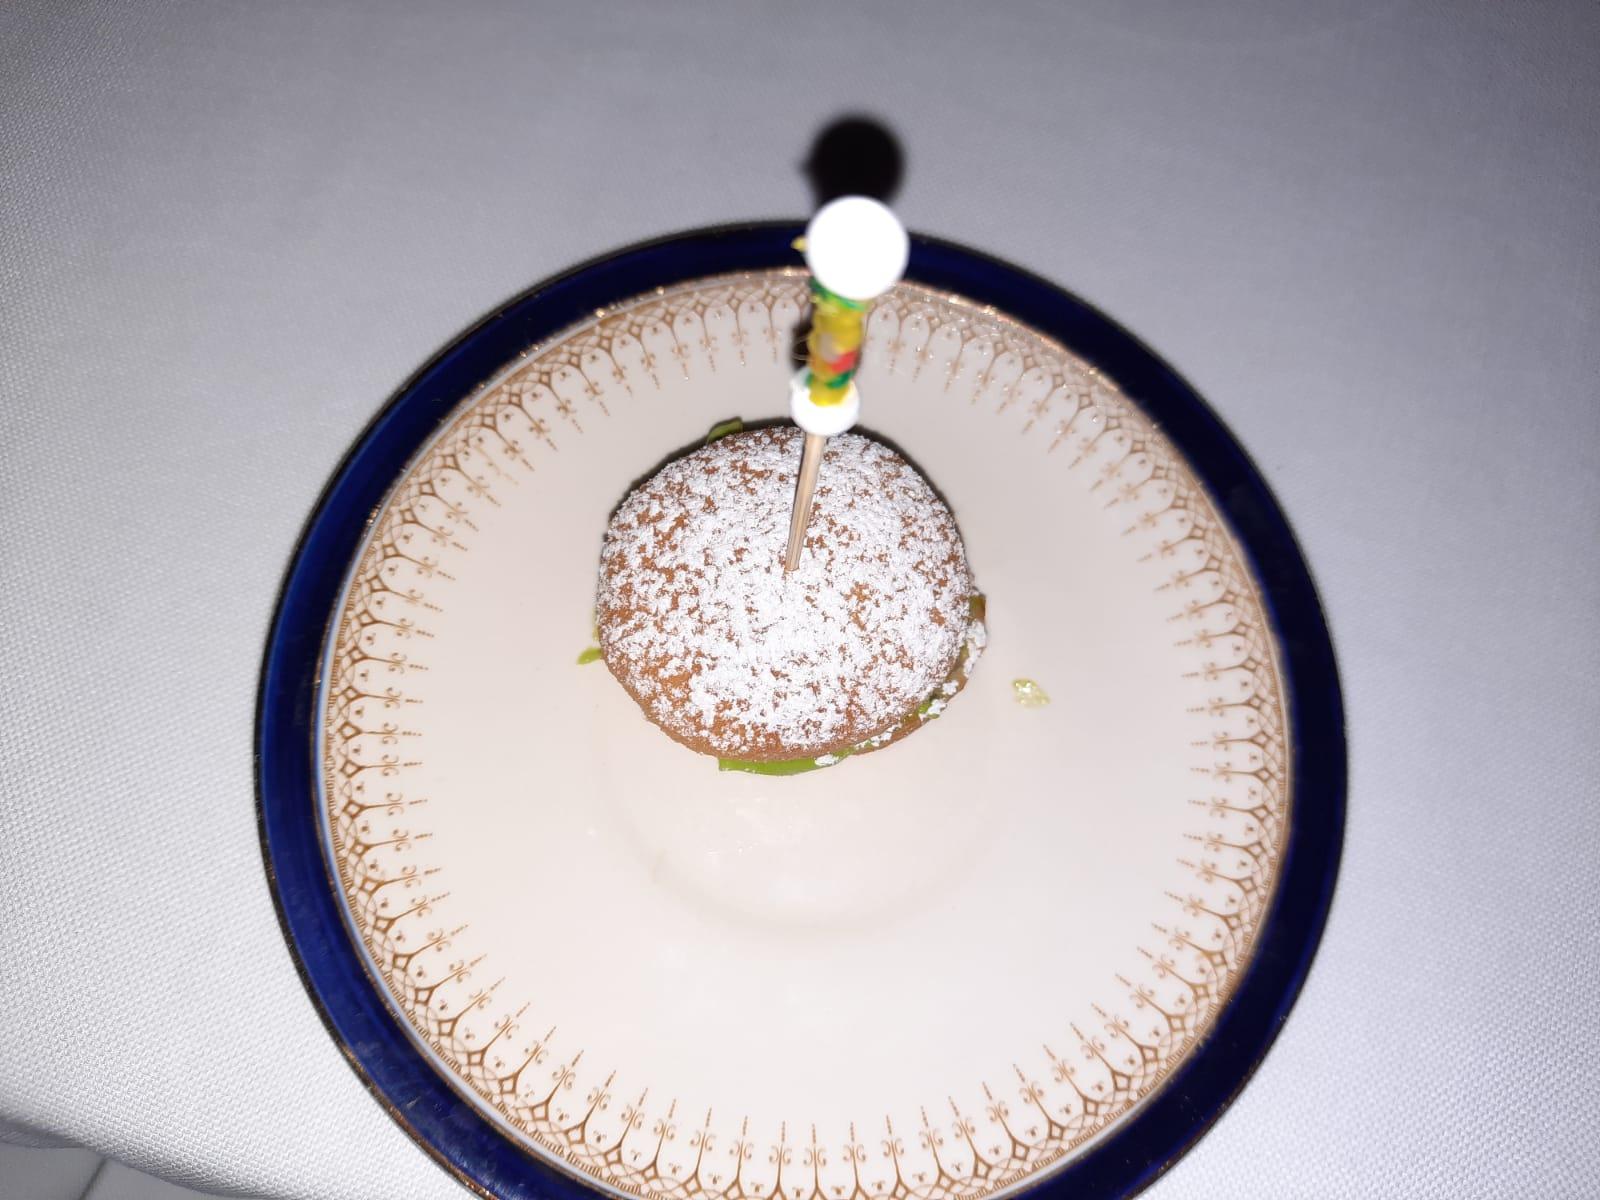 Bombolone salato Giglio Lucca